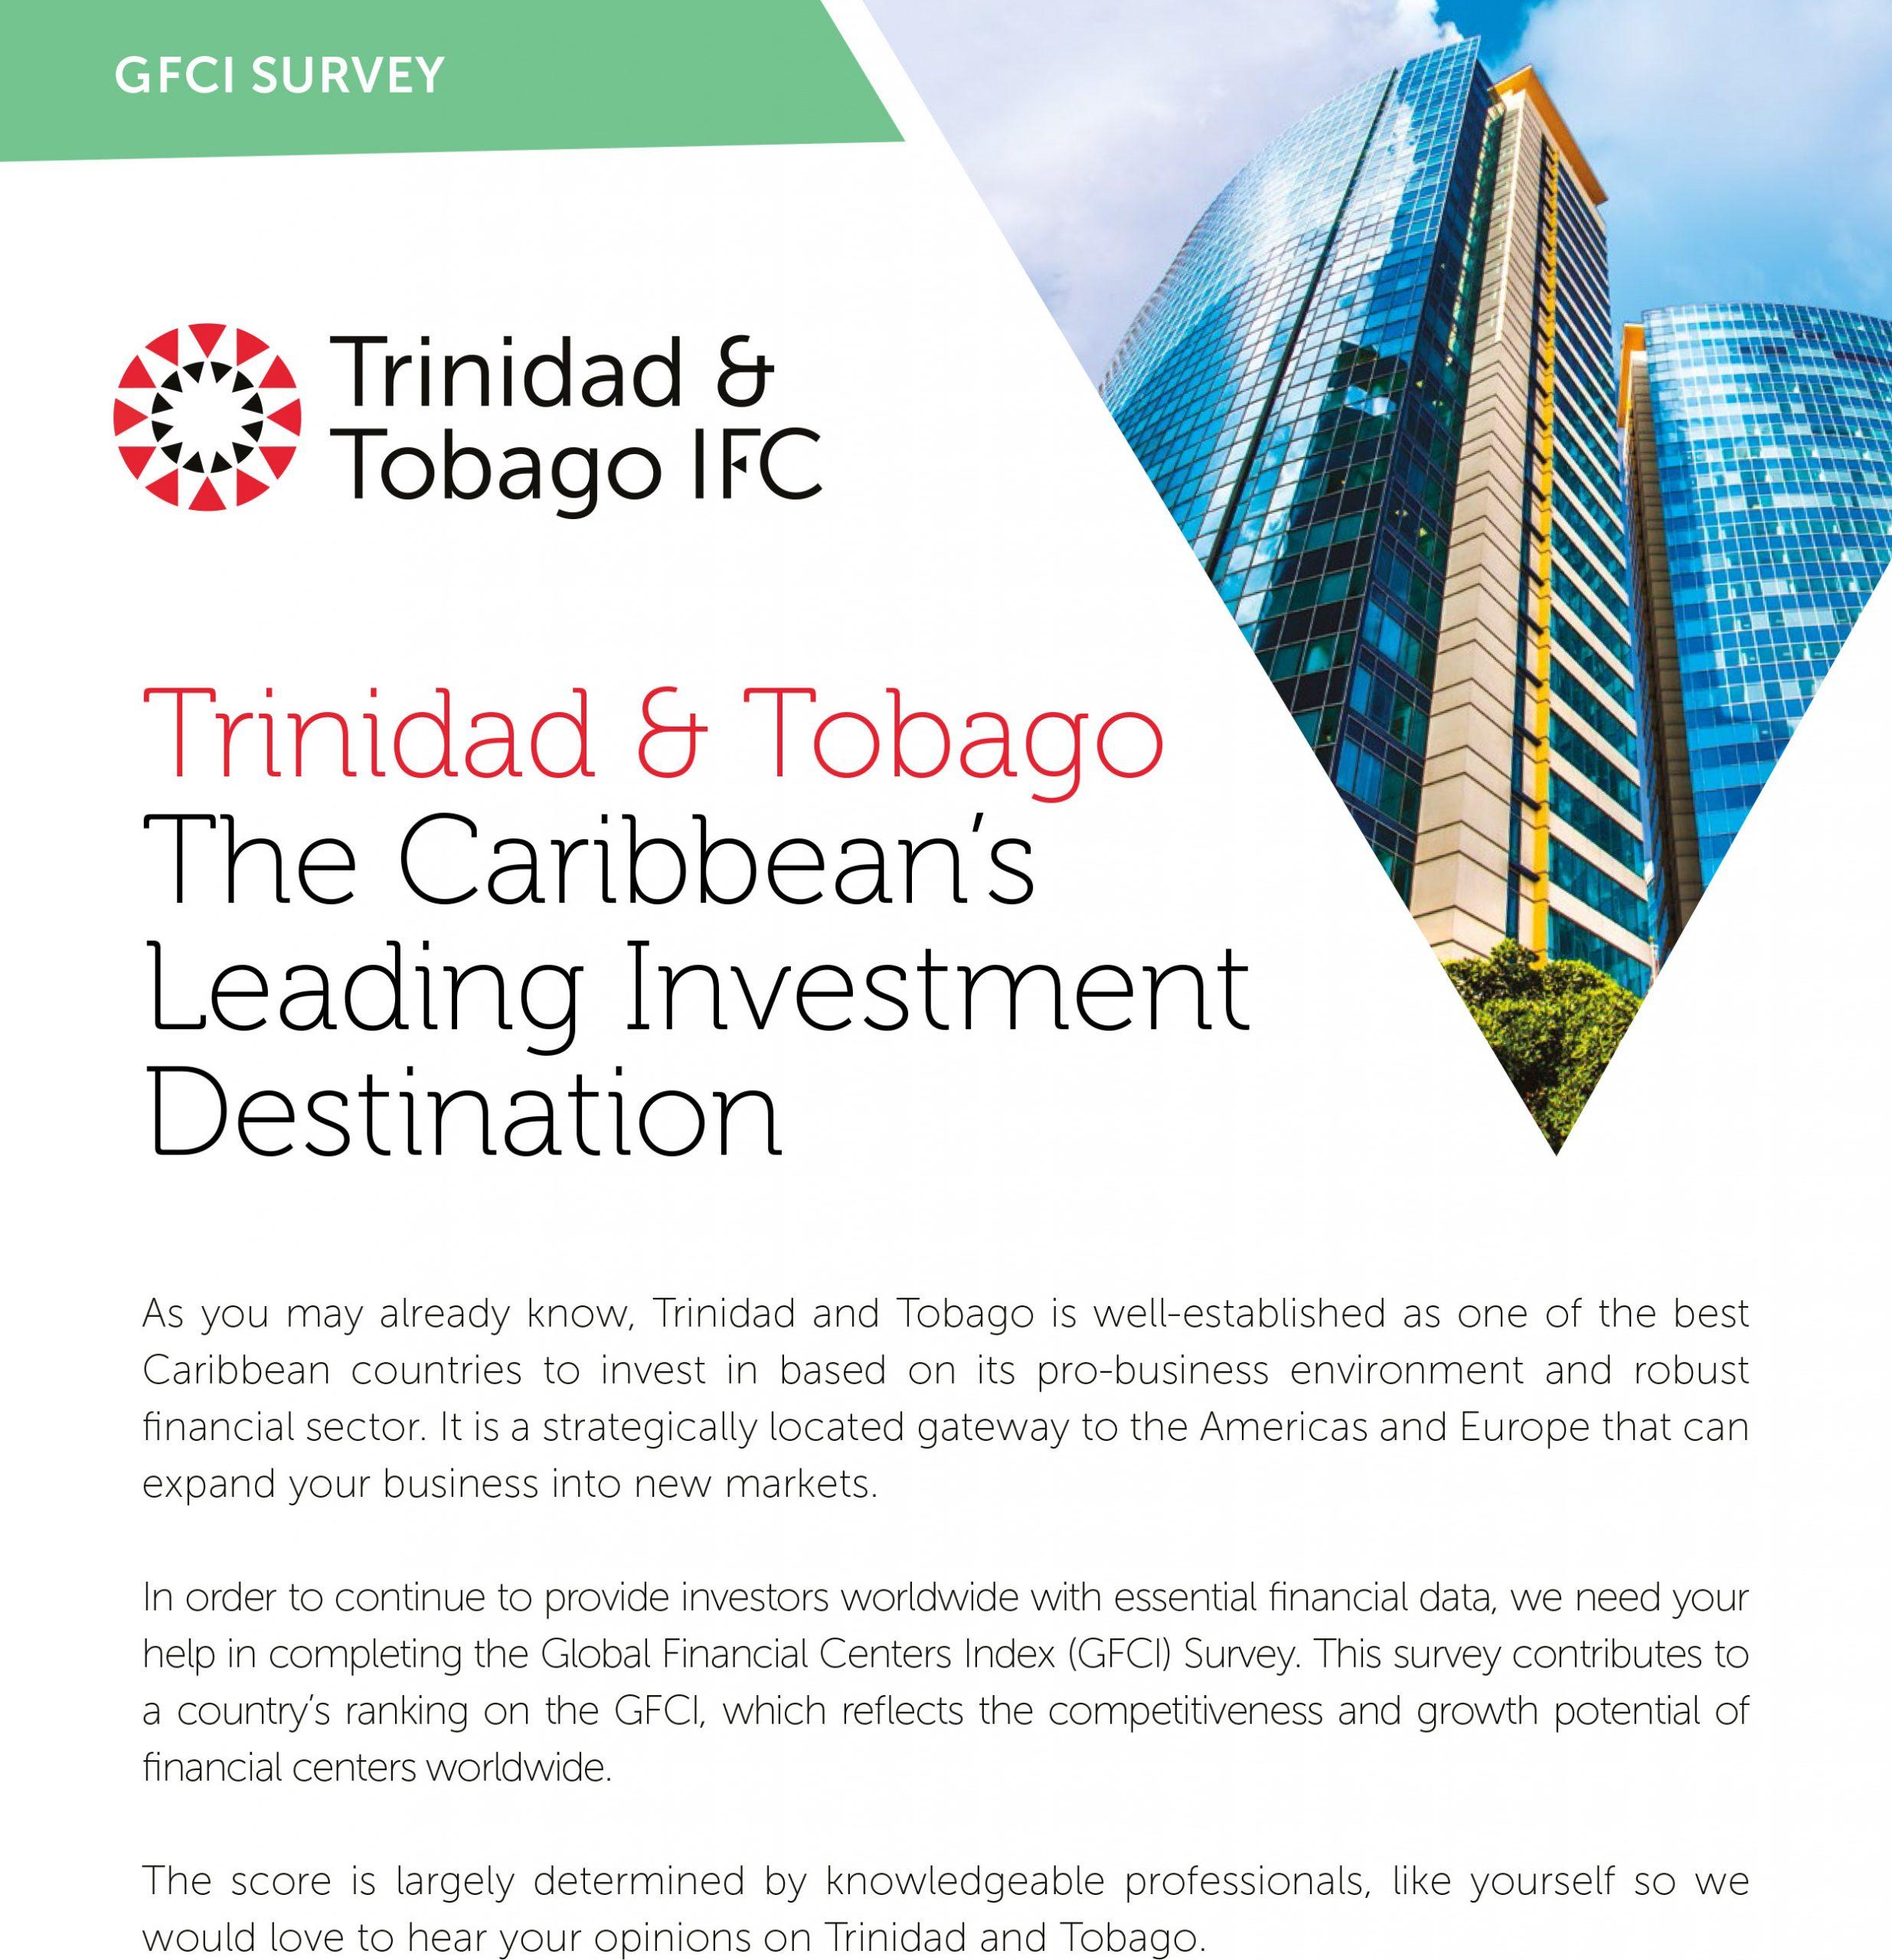 GFCI Survey